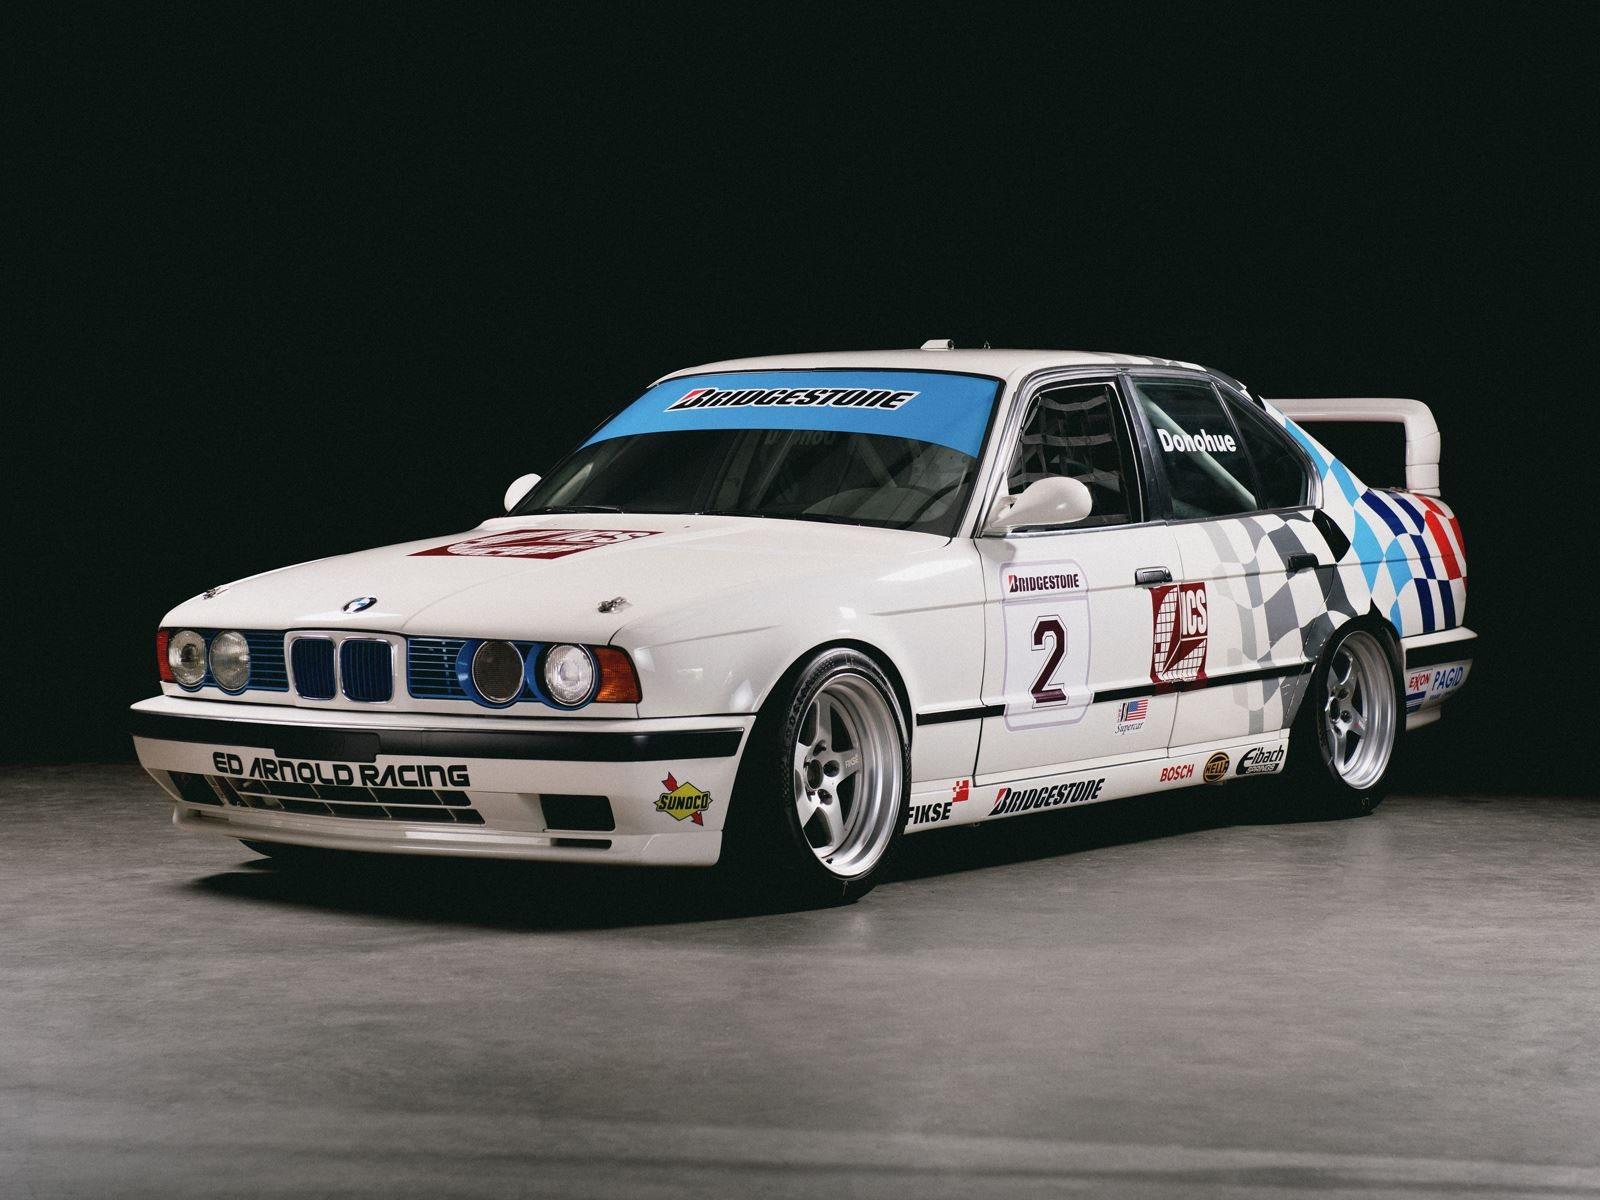 BMW имеет долгую и очень успешную историю в автоспорте. Новые технологии, разработанные BMW для этой высококонкурентной области, часто проникают в обычные серийные автомобили. Чтобы отпраздновать 75-летие немецкого автопроизводителя в автоспорте, BMW